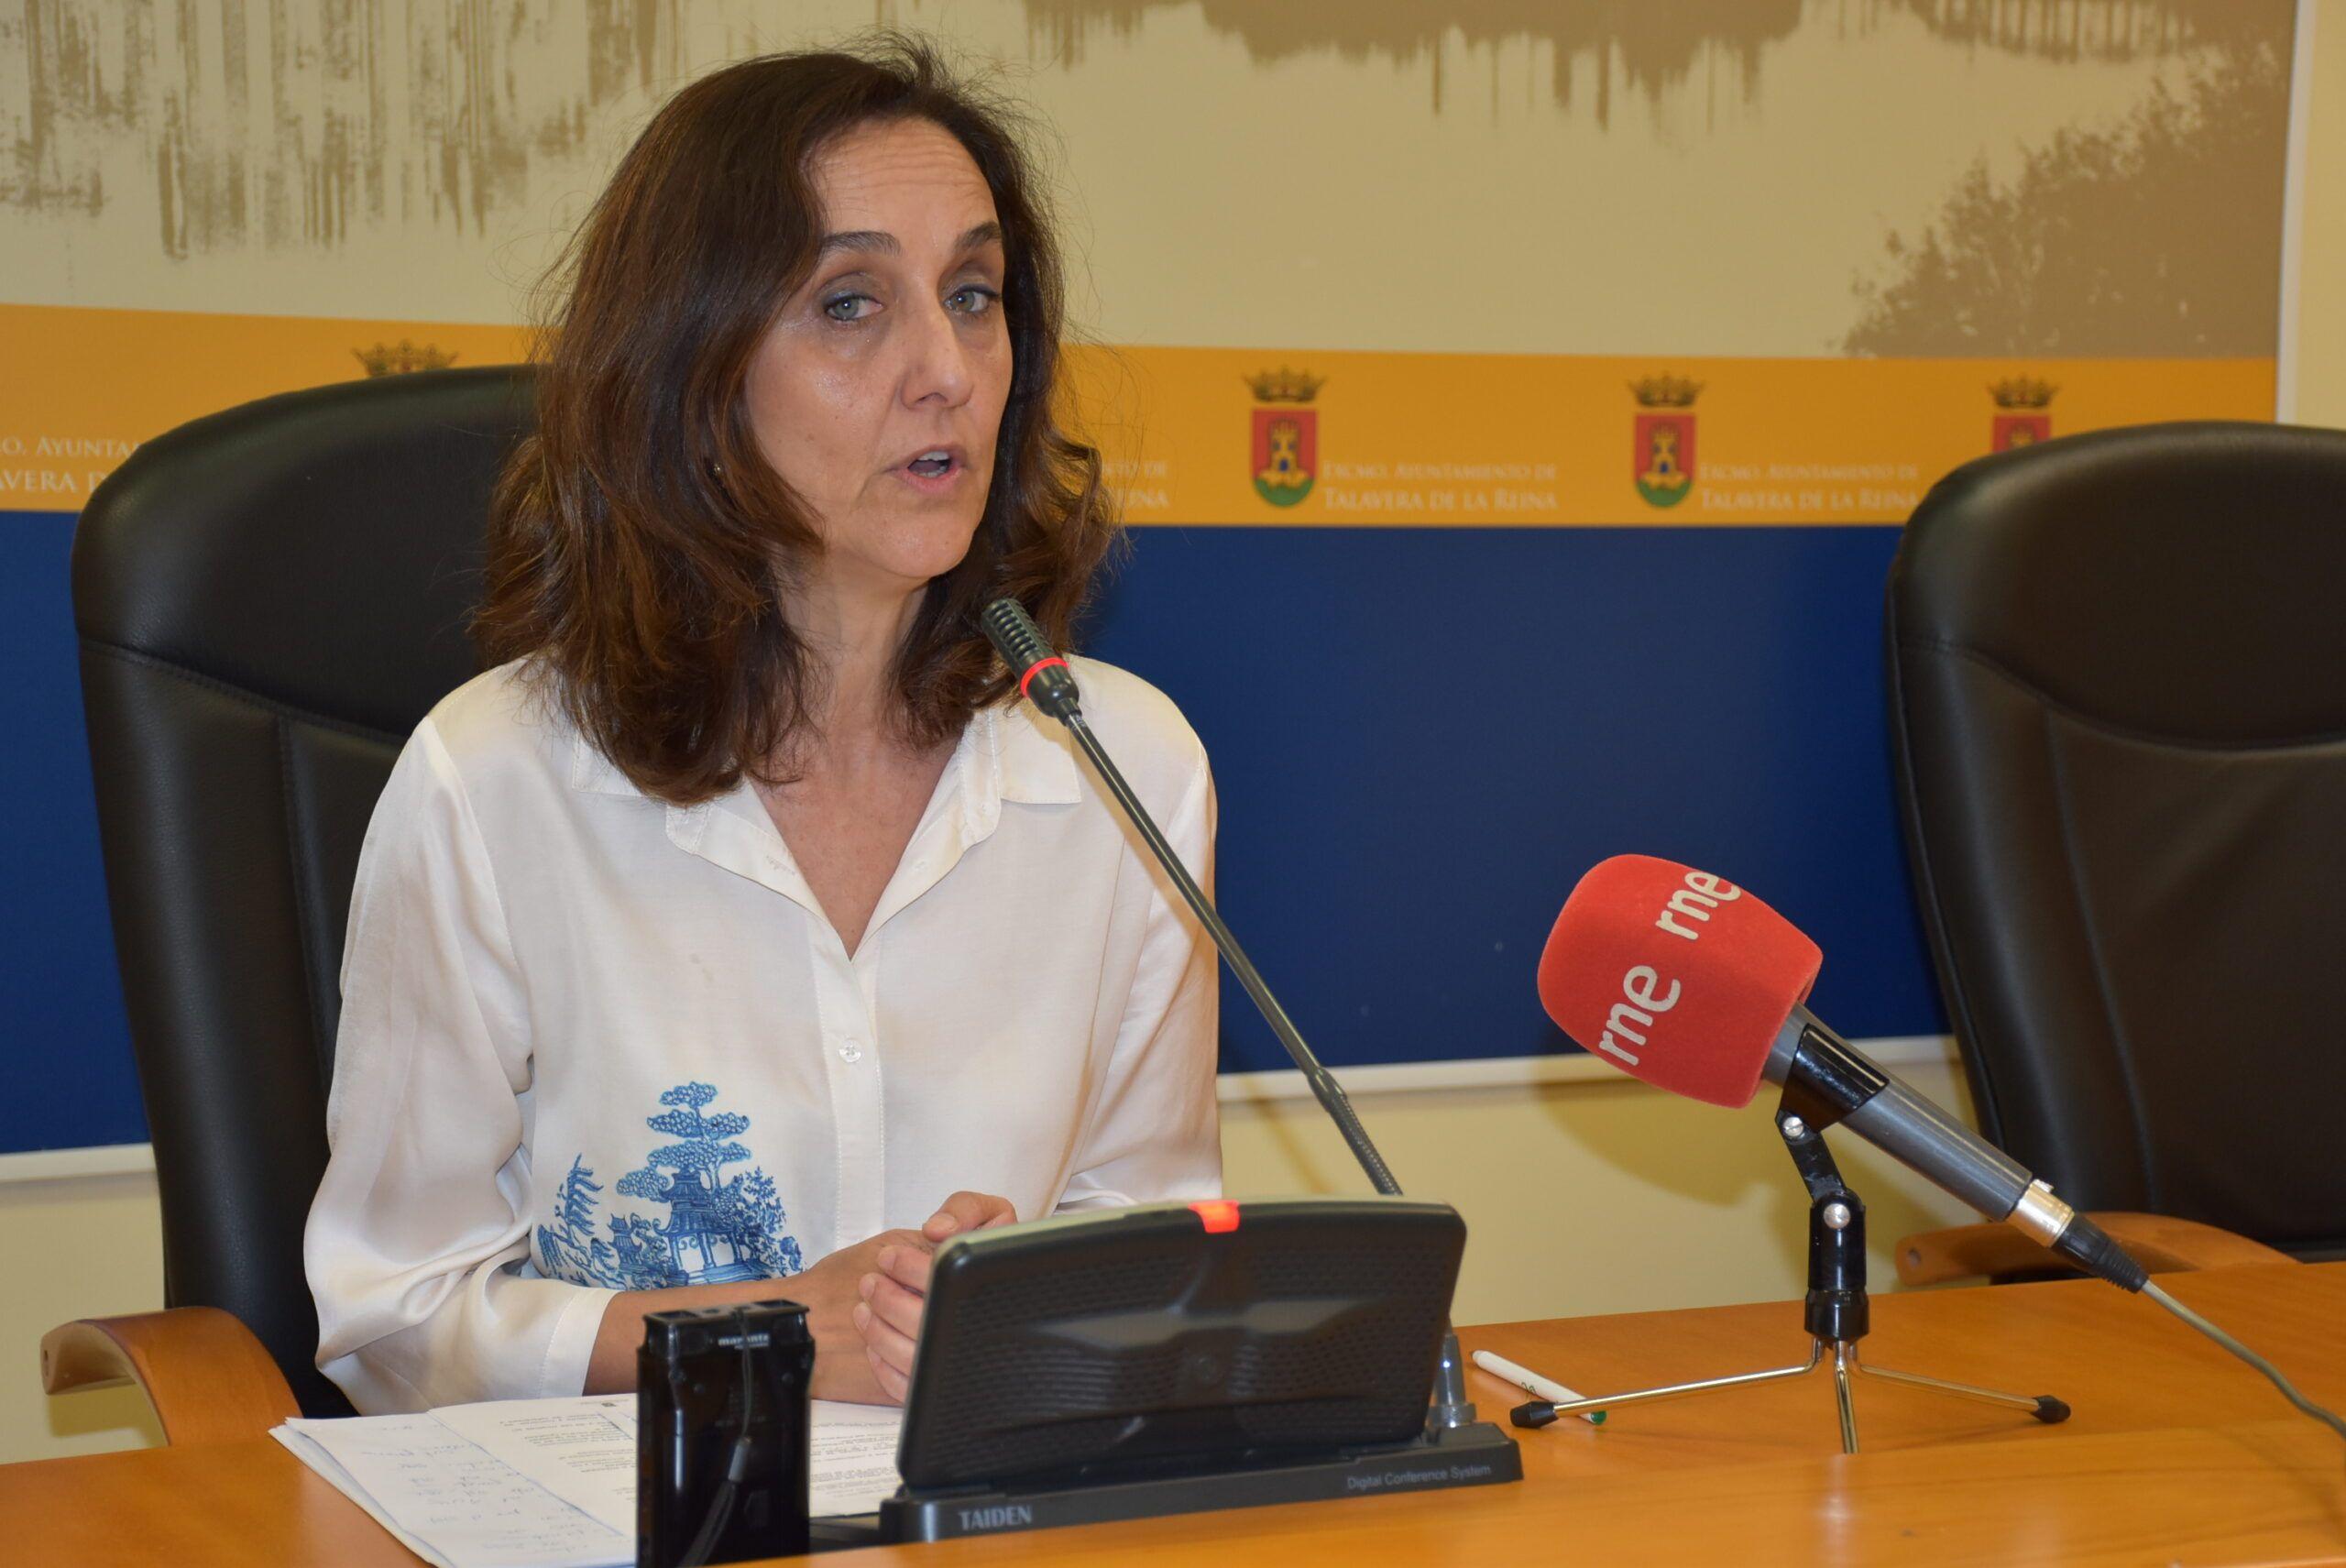 Se aprueba la convocatoria de ayudas para asociaciones de mujeres y se amplían los gastos subvencionables debido a las limitaciones de la pandemia